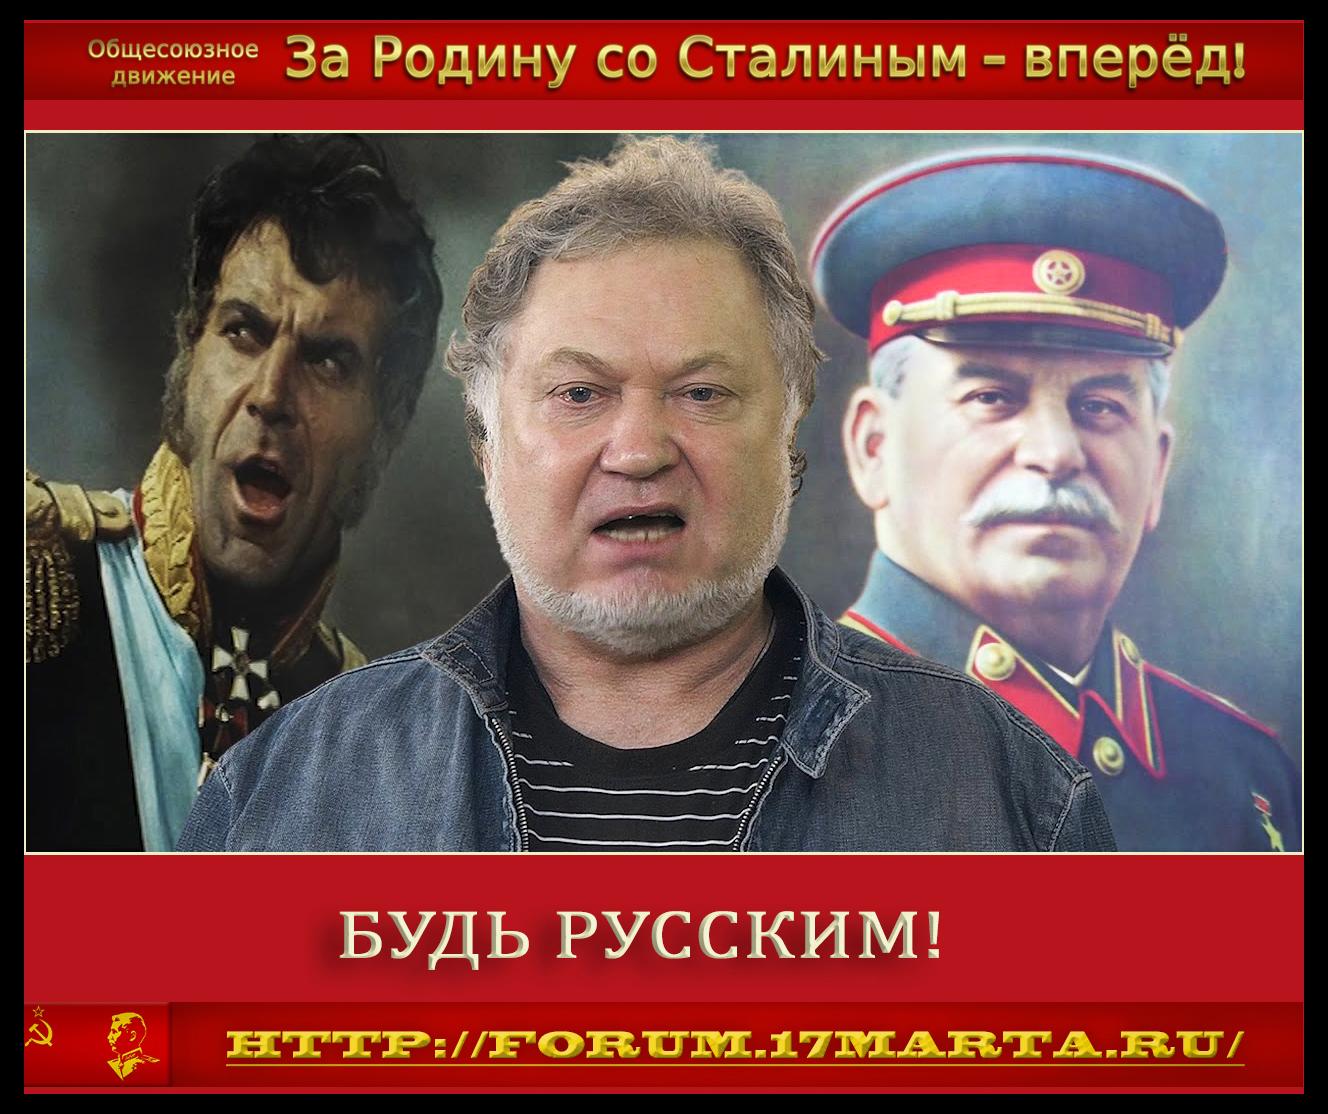 https://images.vfl.ru/ii/1531665426/886a3d18/22494776.jpg